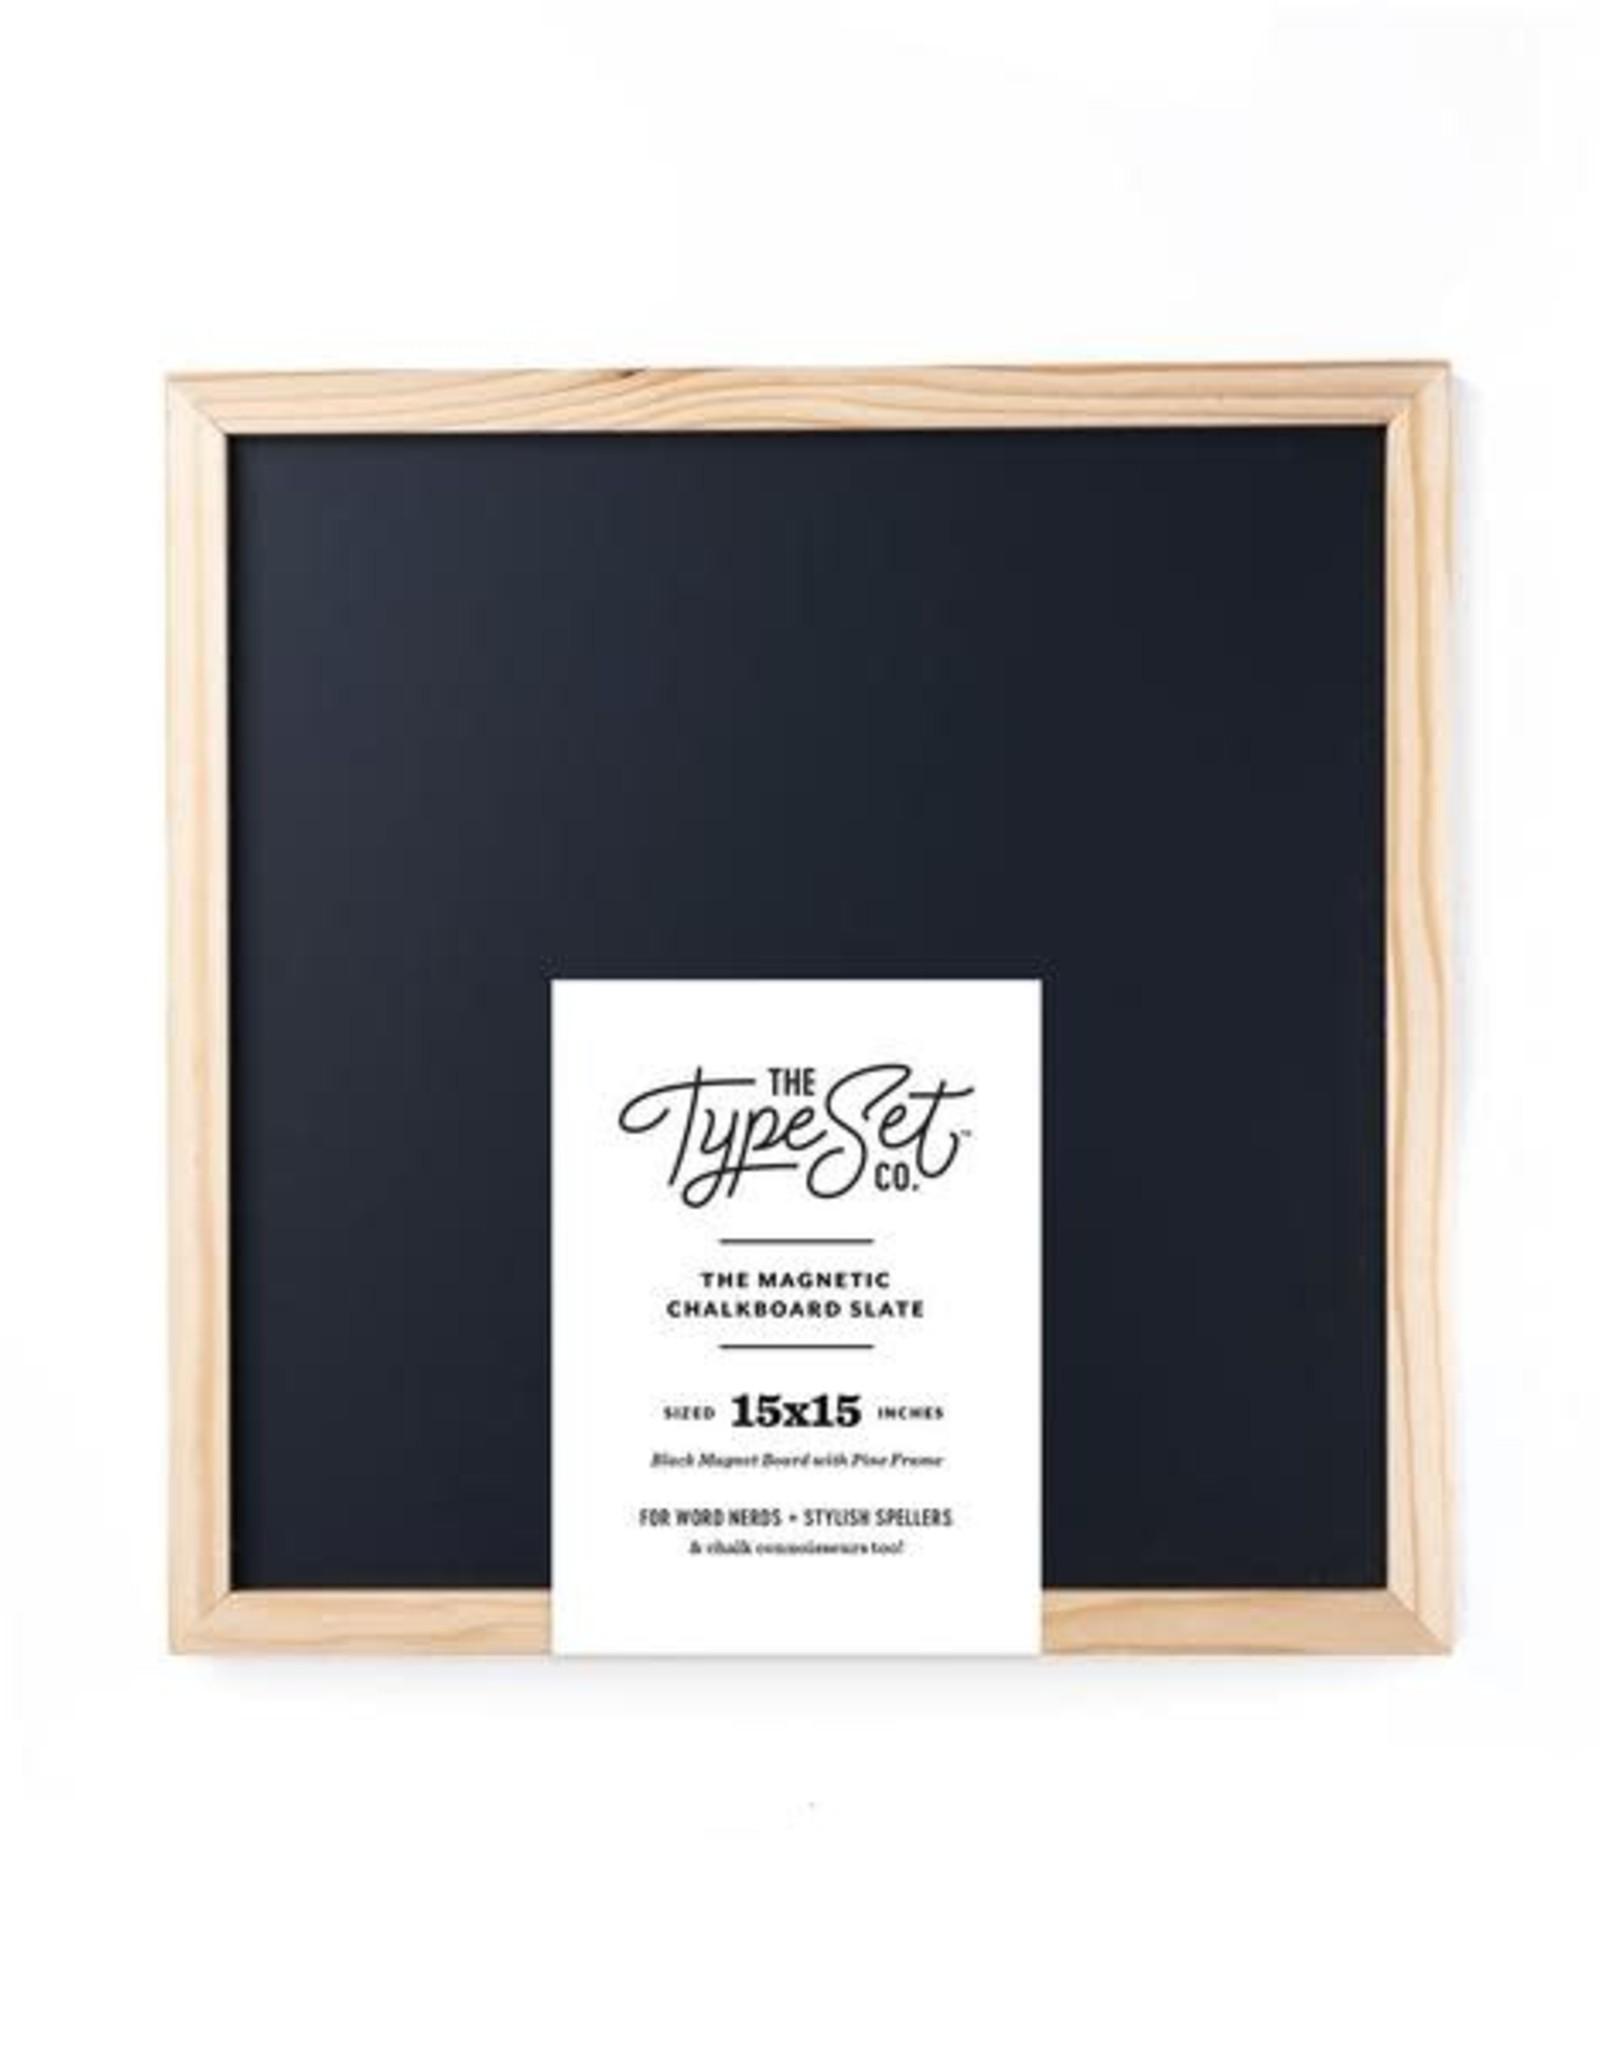 Type Set Co. 15x15 Blackboard